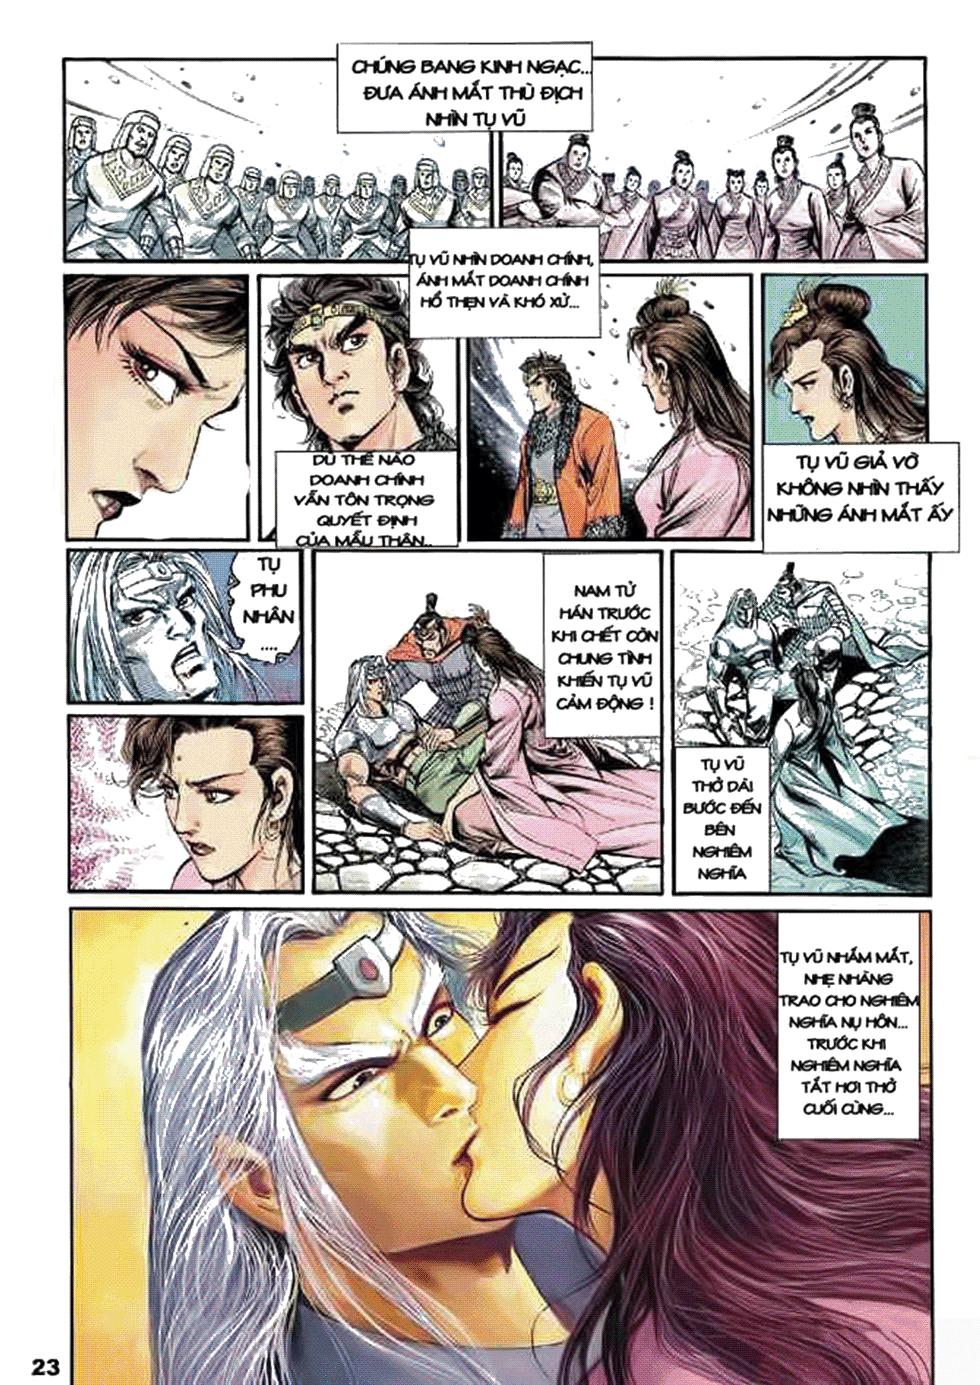 Tần Vương Doanh Chính chapter 8 trang 23